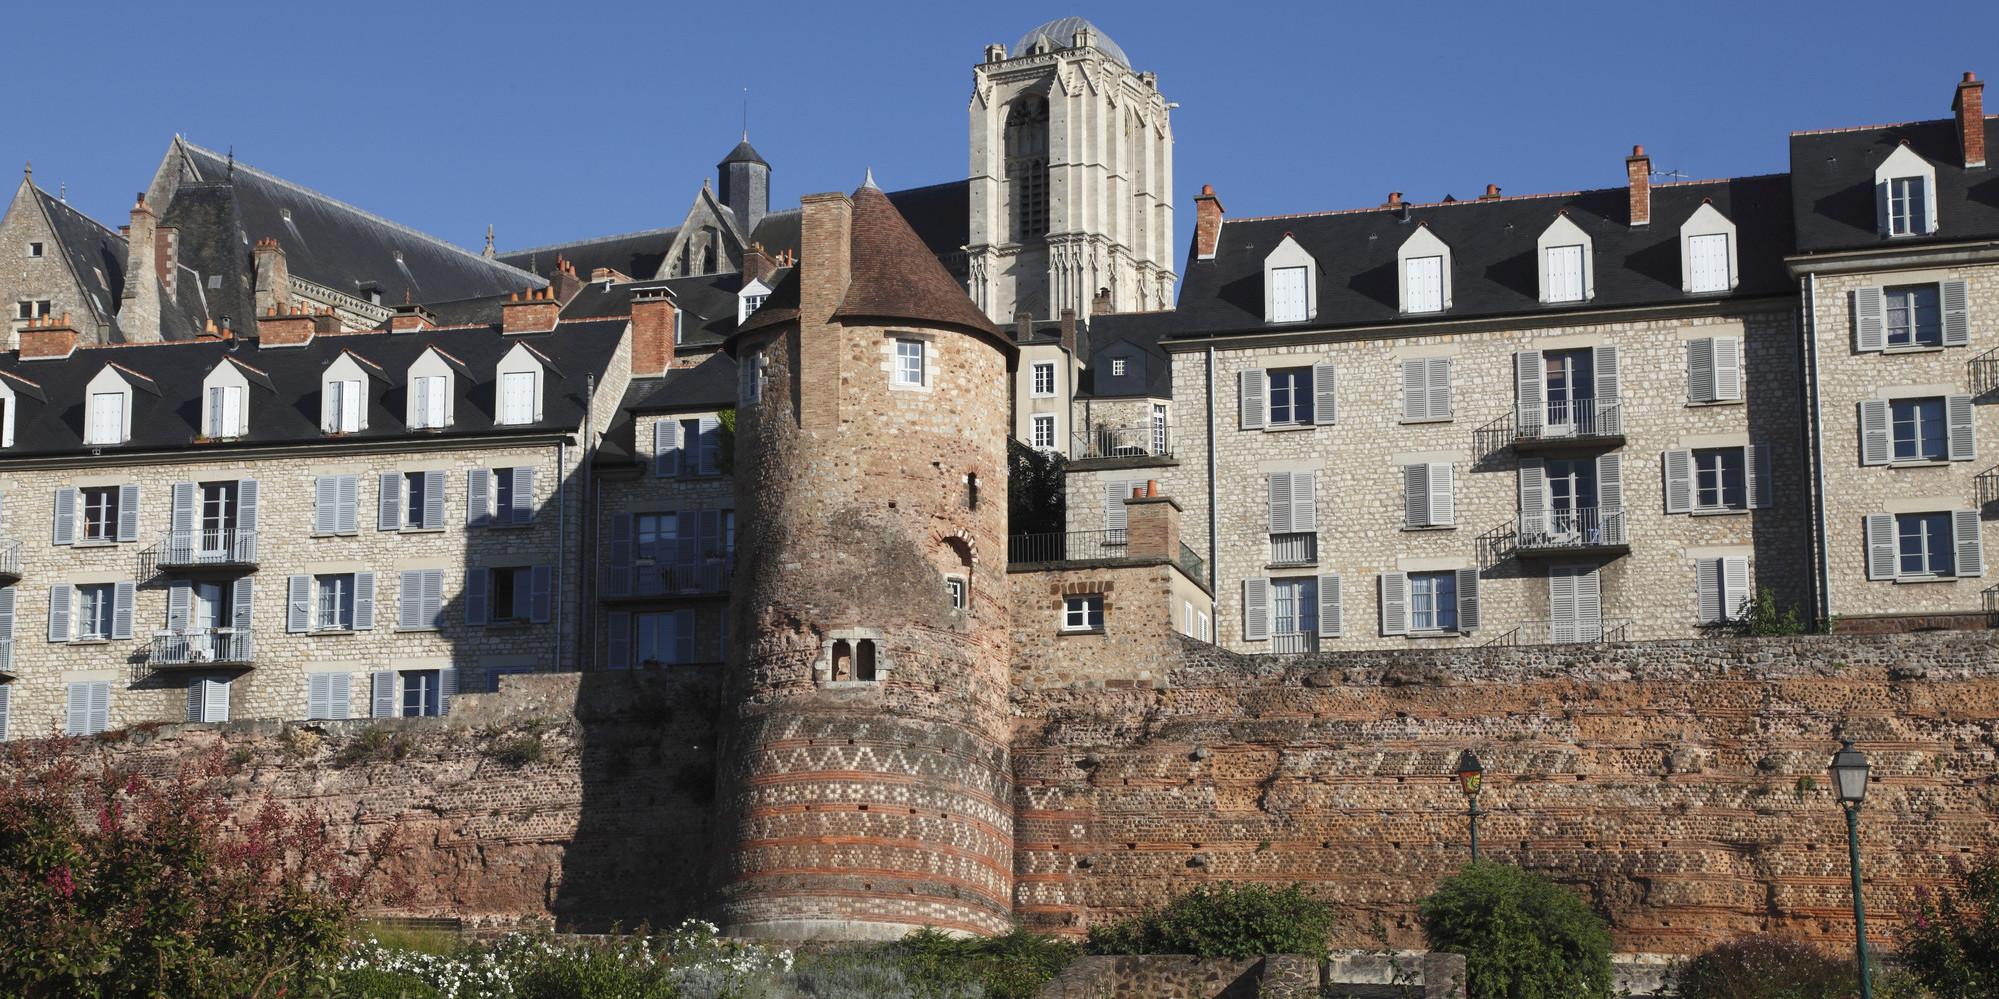 France, Pays de la Loire, Sarthe (72), Le Mans, Cite Plantagenet and gallo romain ramparts (3th century)